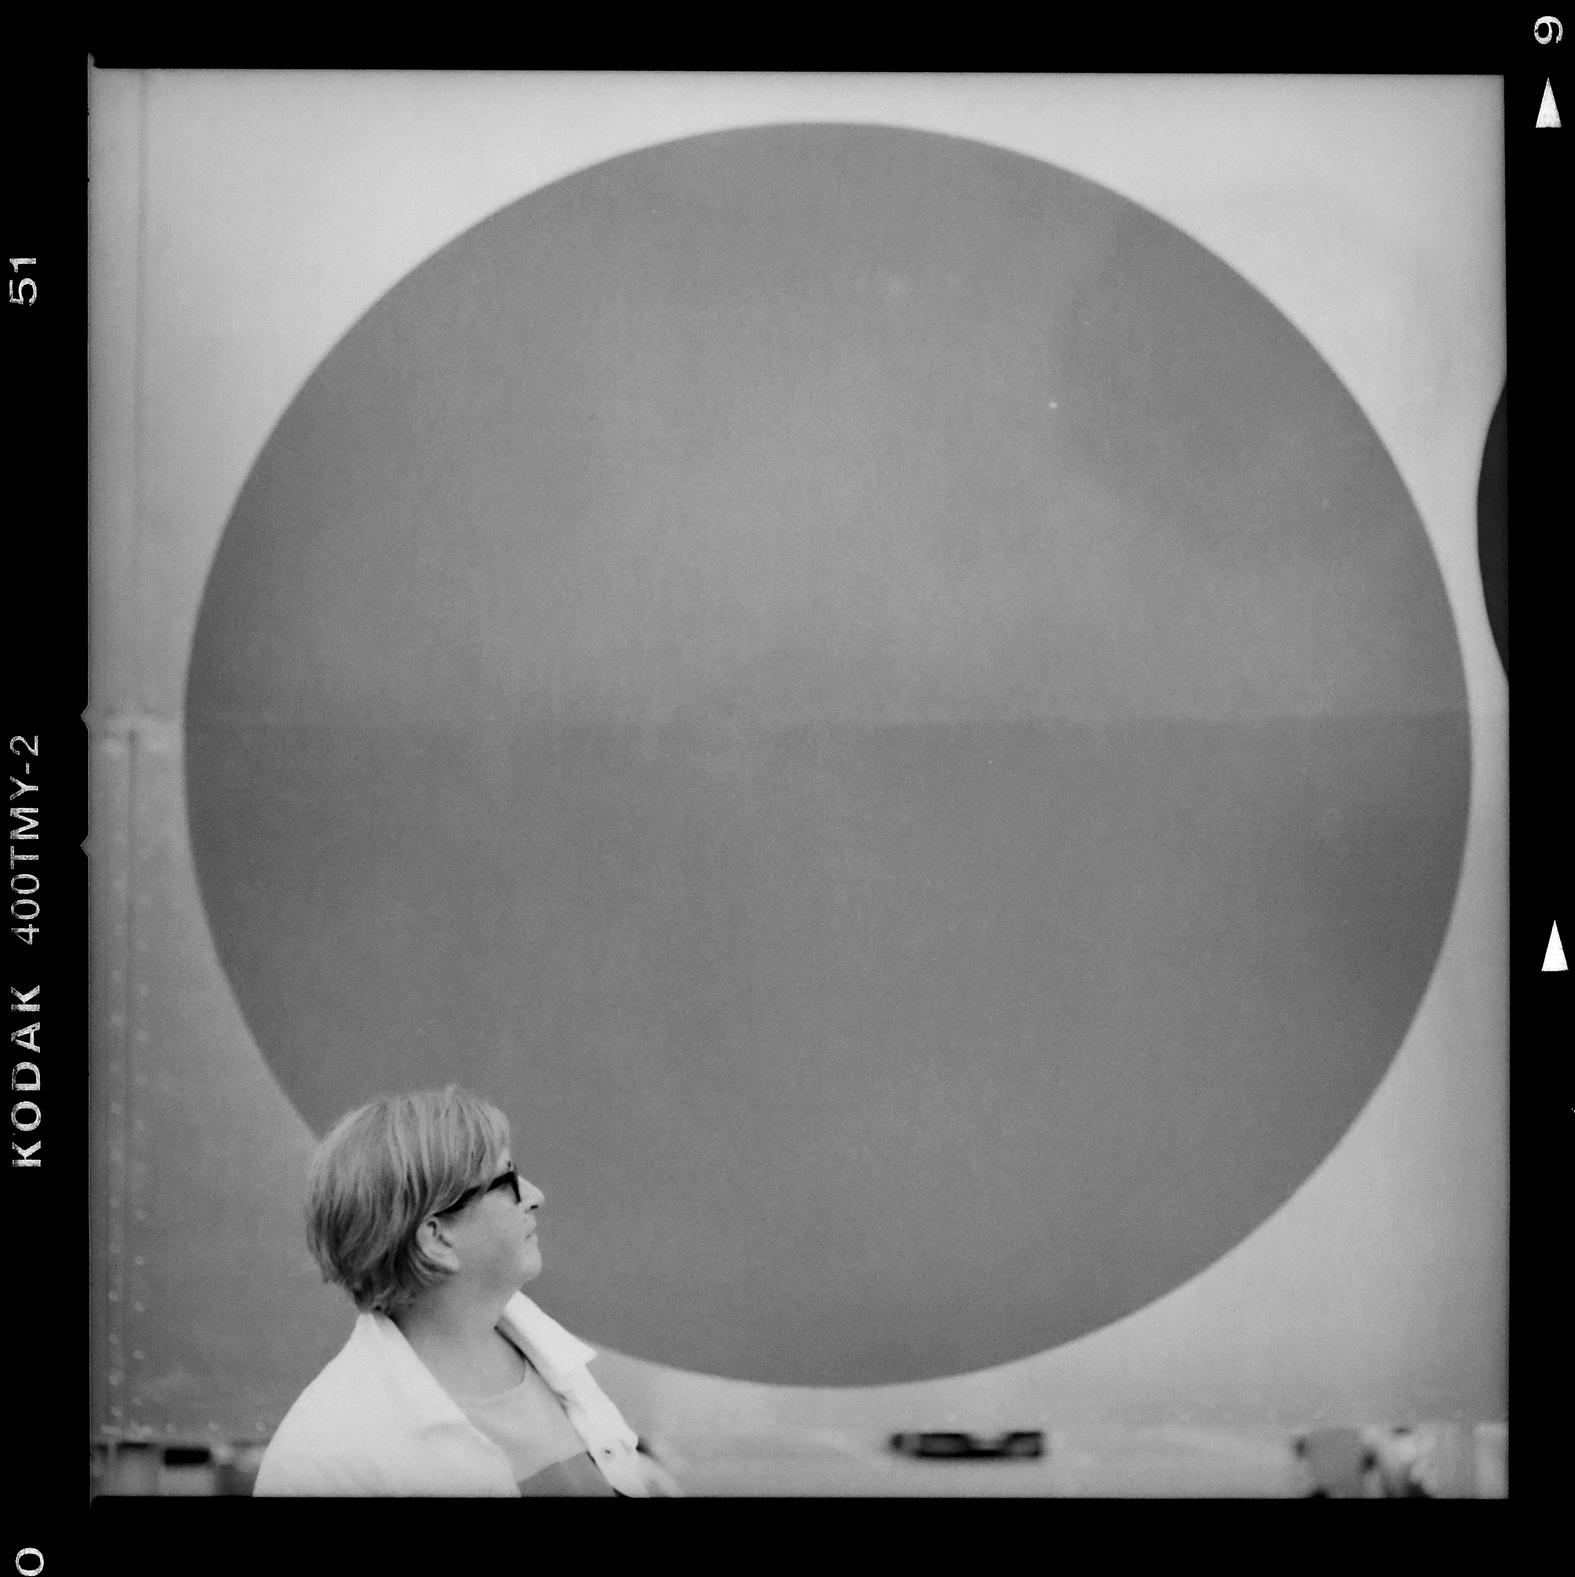 """""""Återkomst"""" av Karin Ögren. Foto: Mikael Andersson, 2016-06-29, Hasselblad 500cm, 150mm, f4-1/250."""